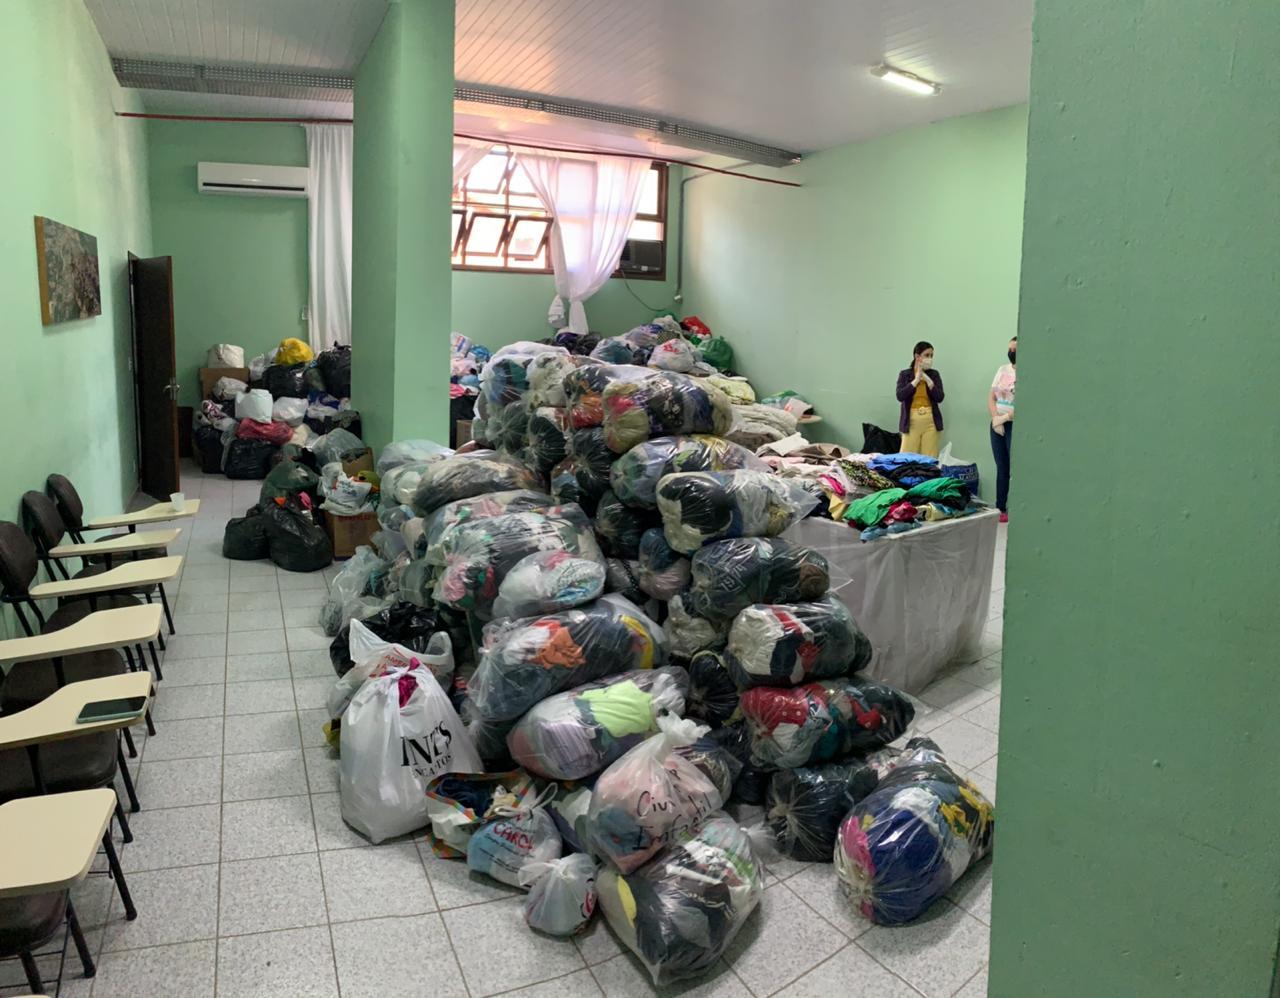 Secretaria de Assistência Social inicia doação de roupas da Campanha do Agasalho na próxima segunda-feira (27)